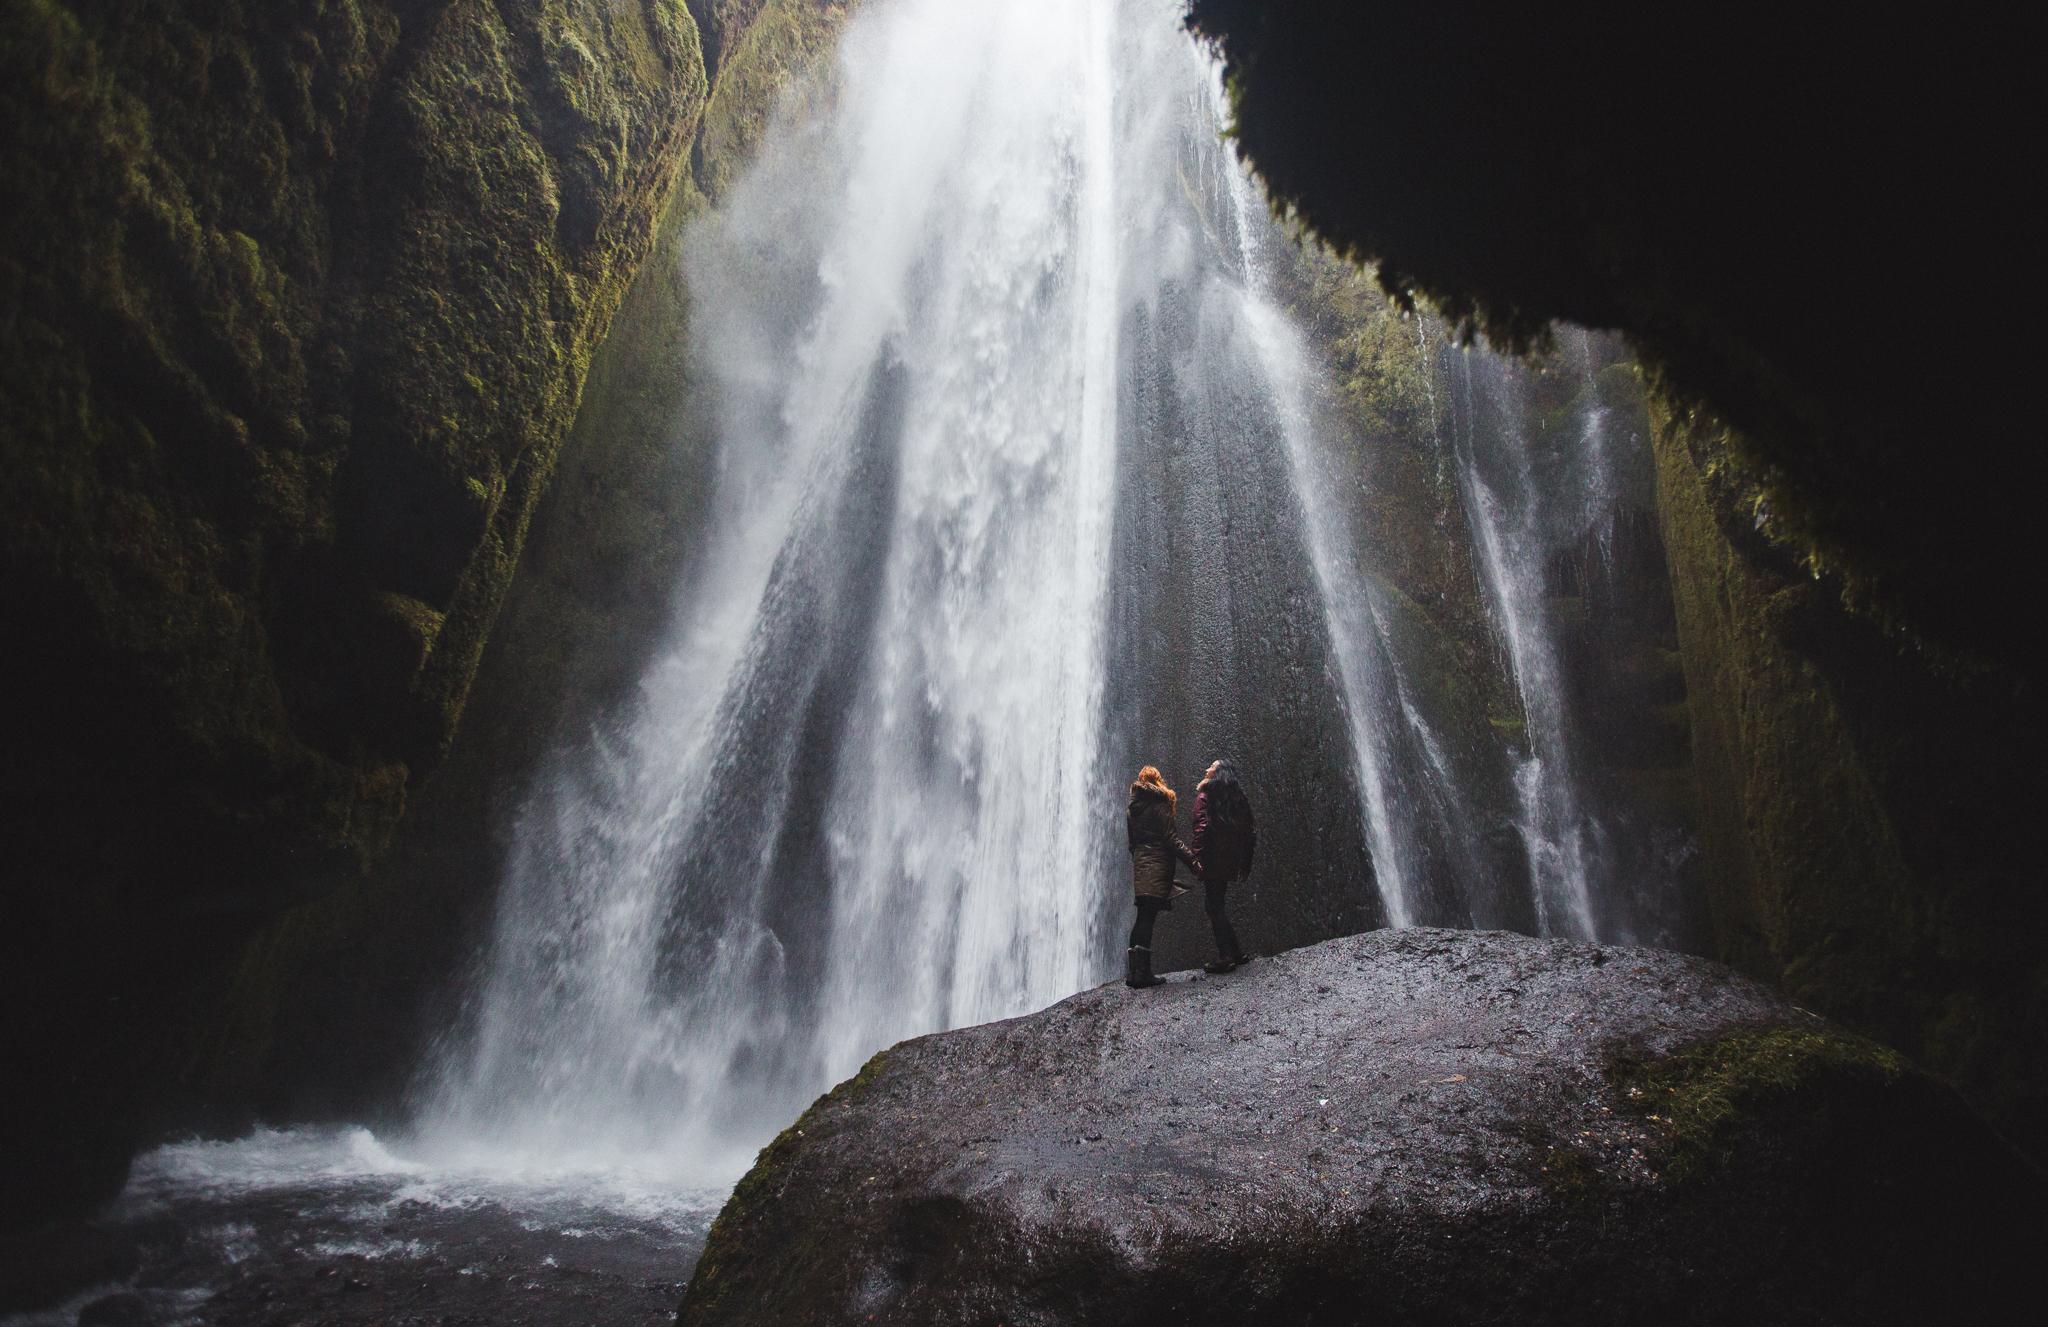 Iceland_BEC 010 [Image by Jarrad Seng].jpg